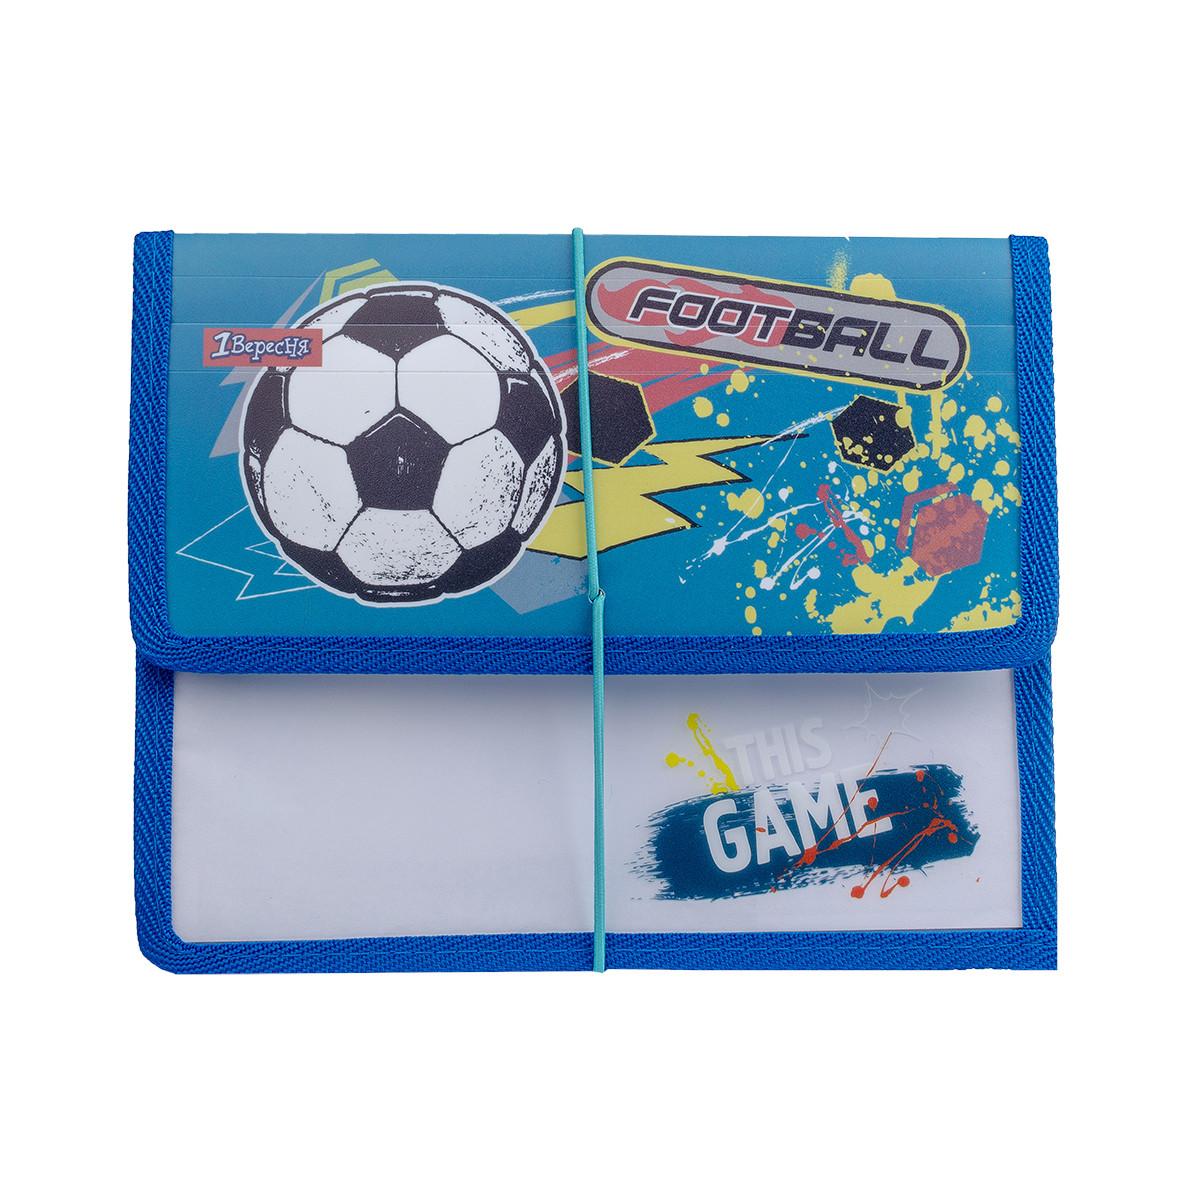 Папка для тетрадей 1 Вересня пласт. на резинке В5 Team football код:491850